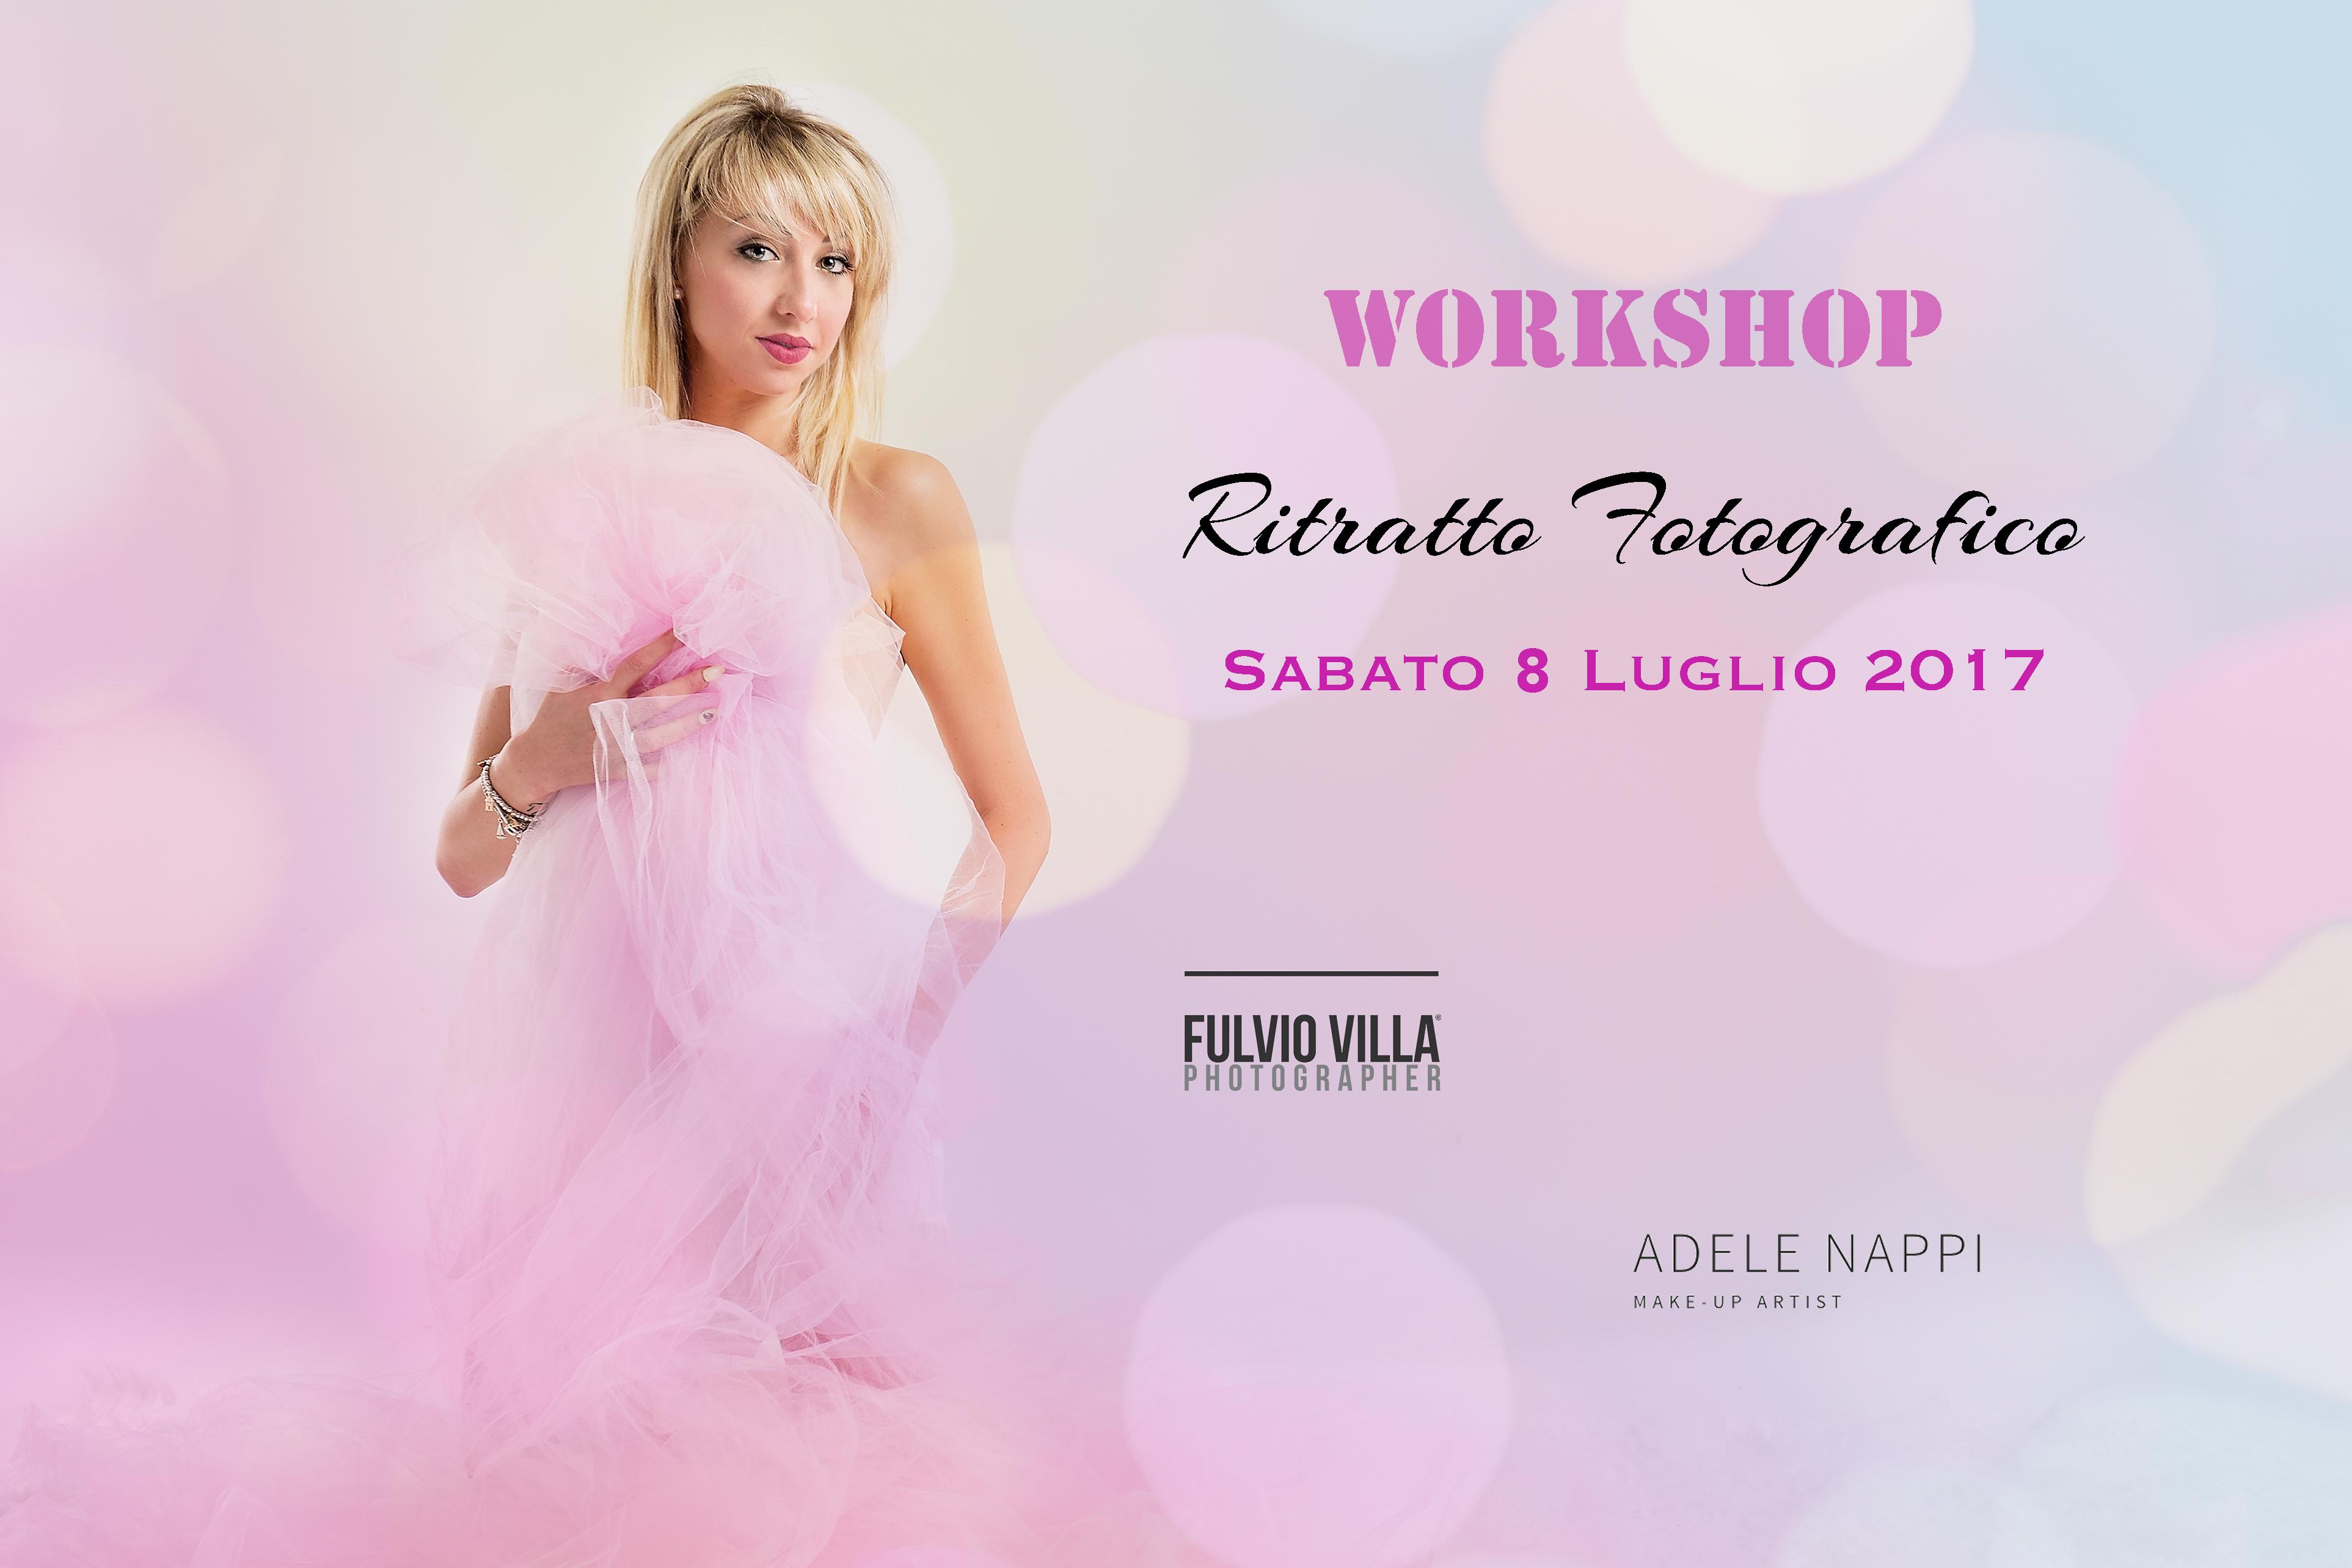 Workshop Ritratto Fotografico